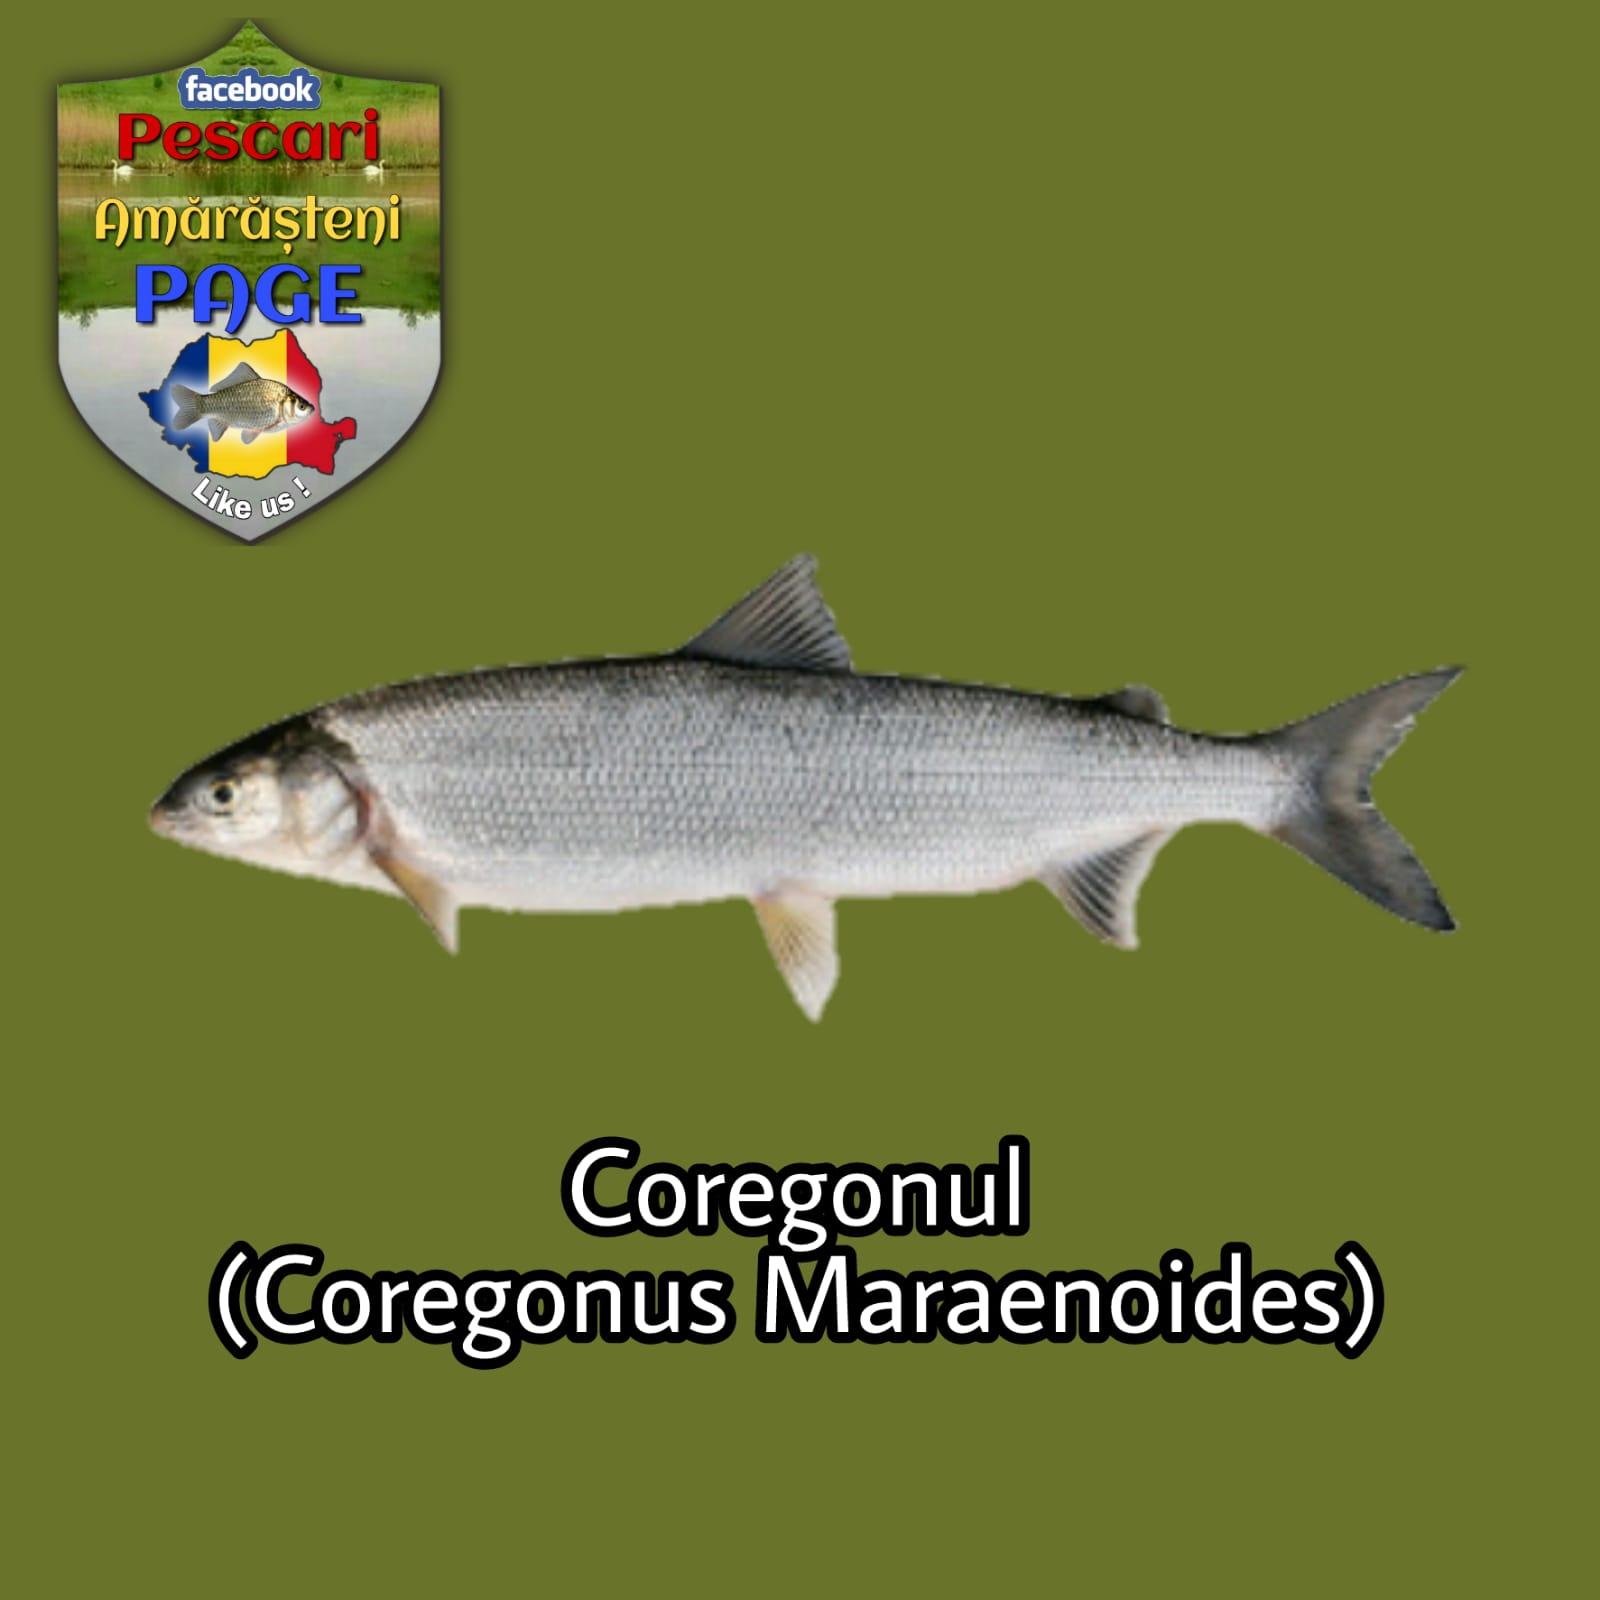 Coregonul (Coregonus lavaretus maraenoides)